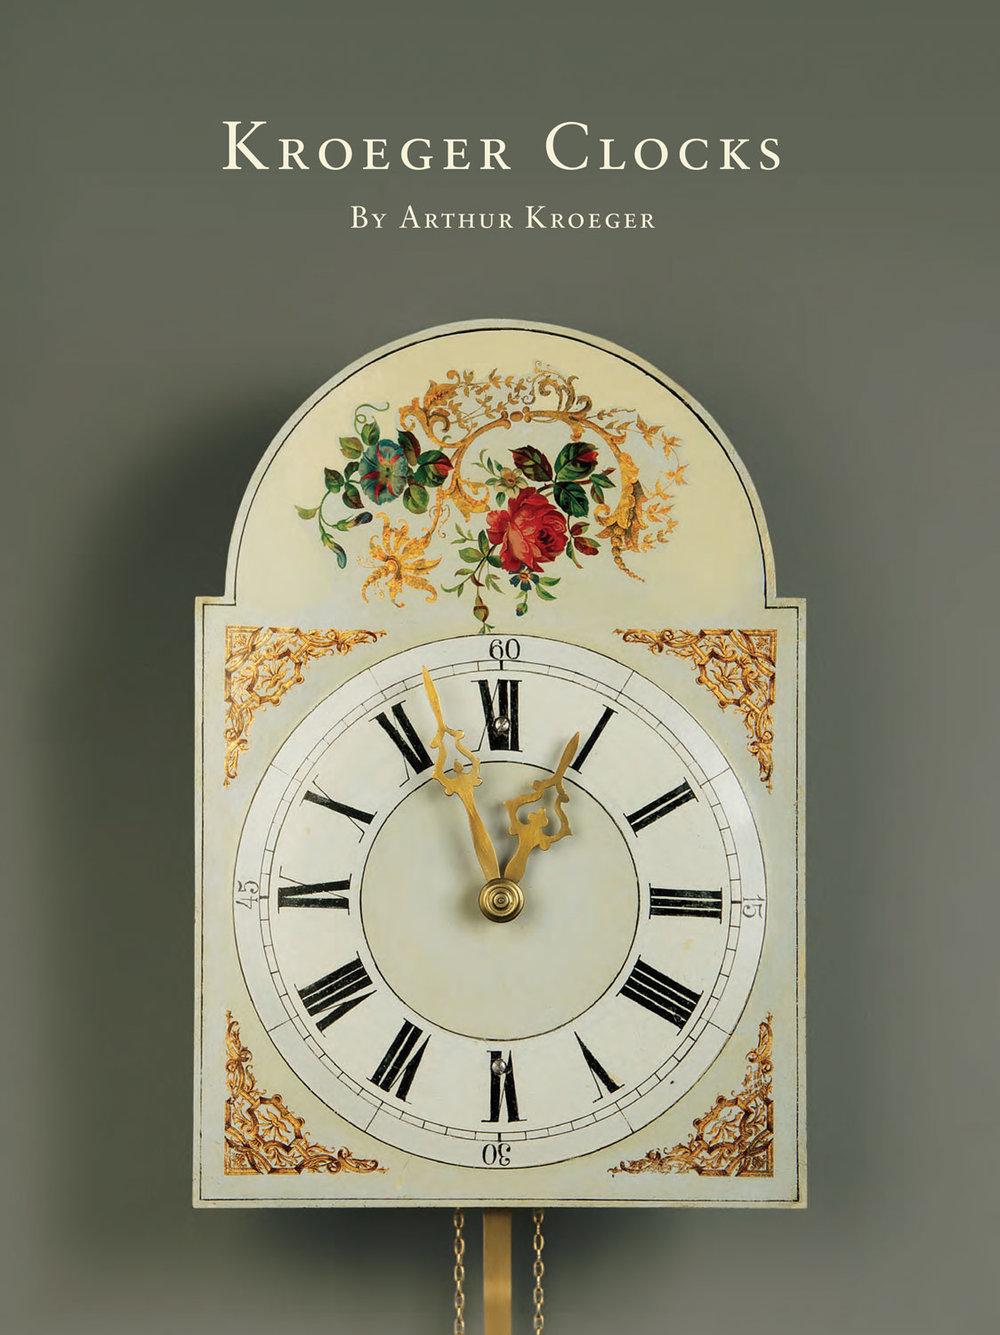 kroeger-clocks-book-arthur.jpg